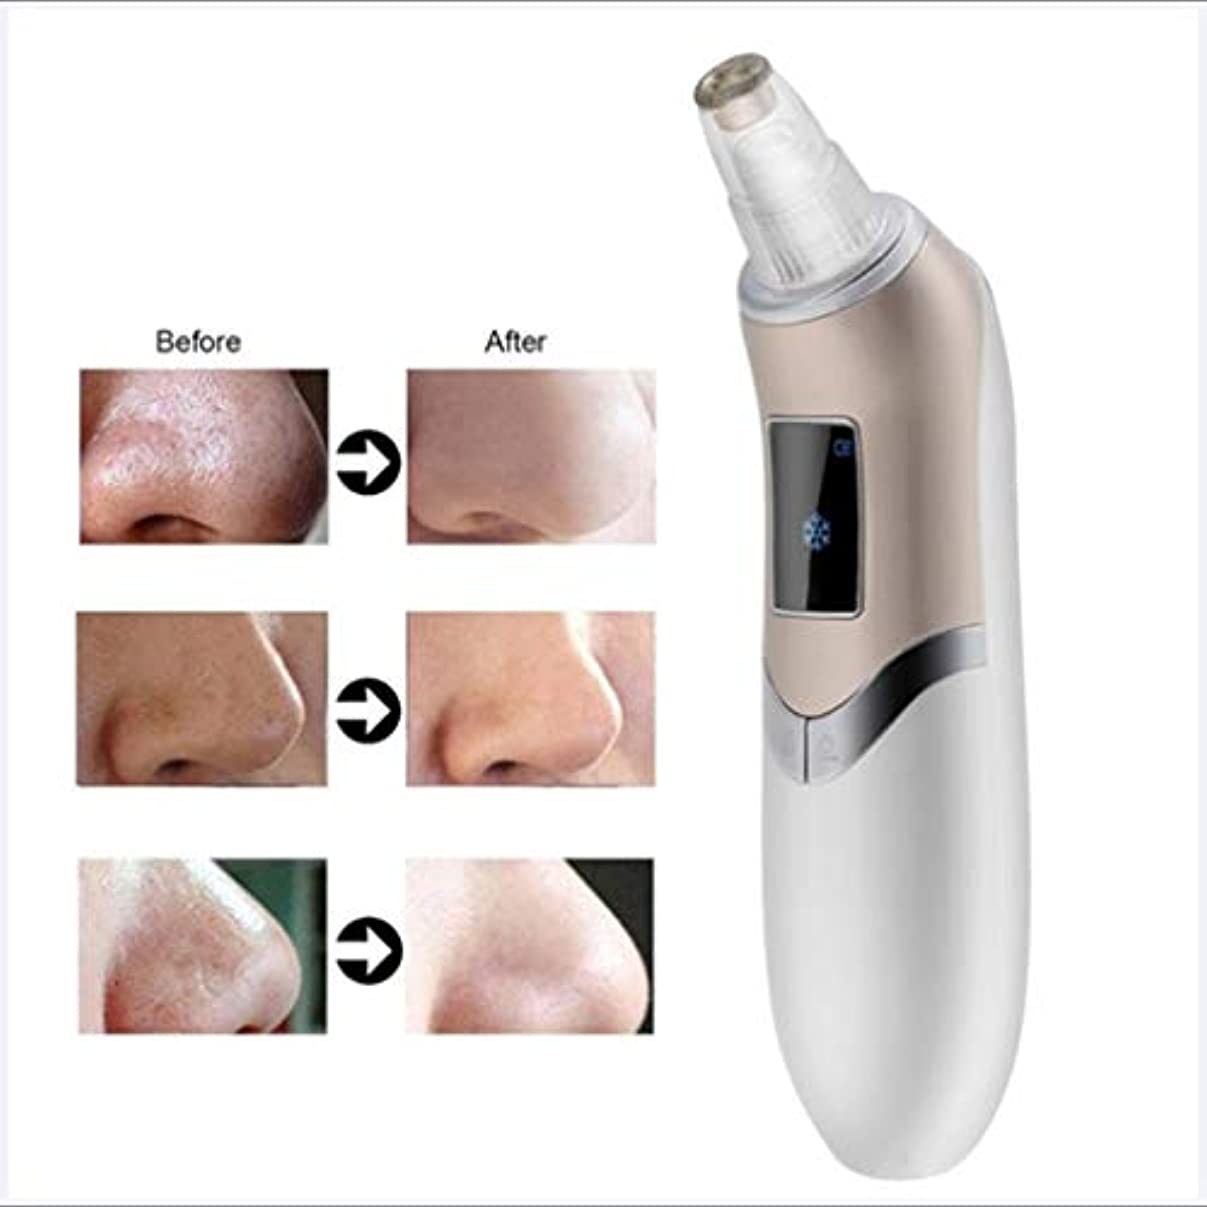 スイッチ寝室強調する洗顔料 - にきび掃除機 - 電気にきびマイクロダーマブレーション - 美容